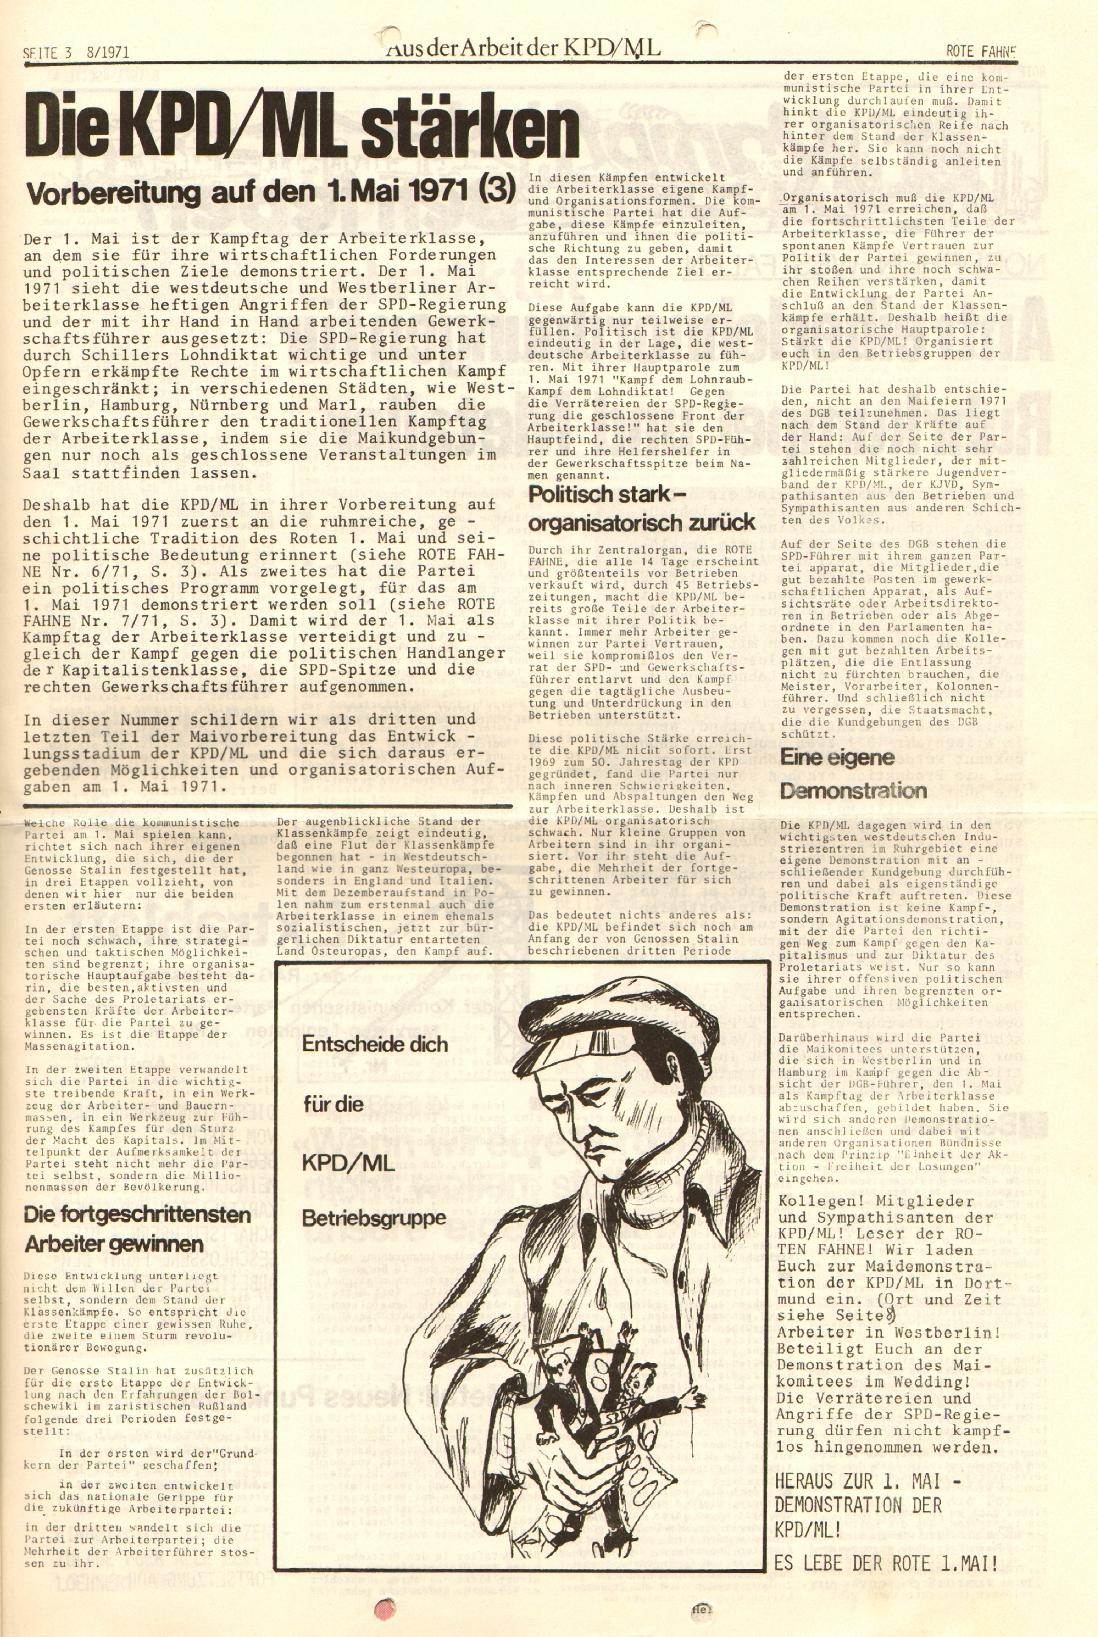 Rote Fahne, 2. Jg., 26.4.1971, Nr. 8, Seite 3